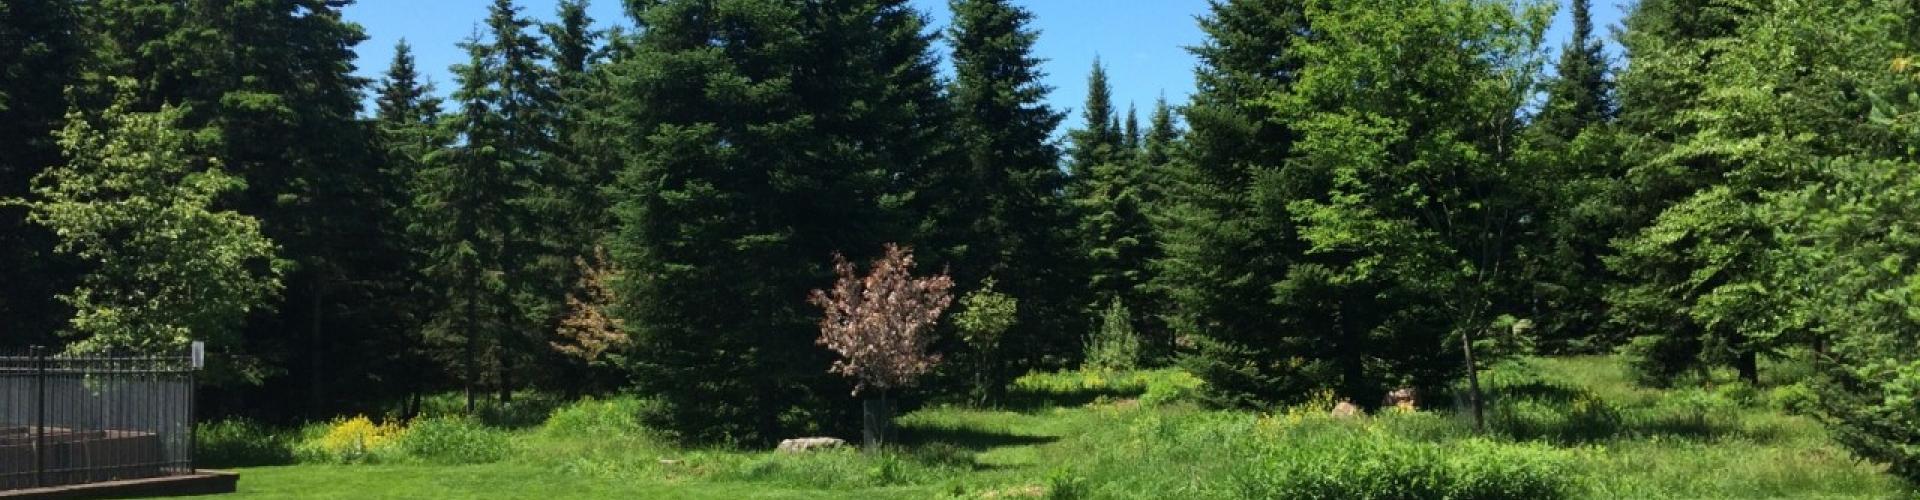 Lawn and Landscape Blog (part 6)